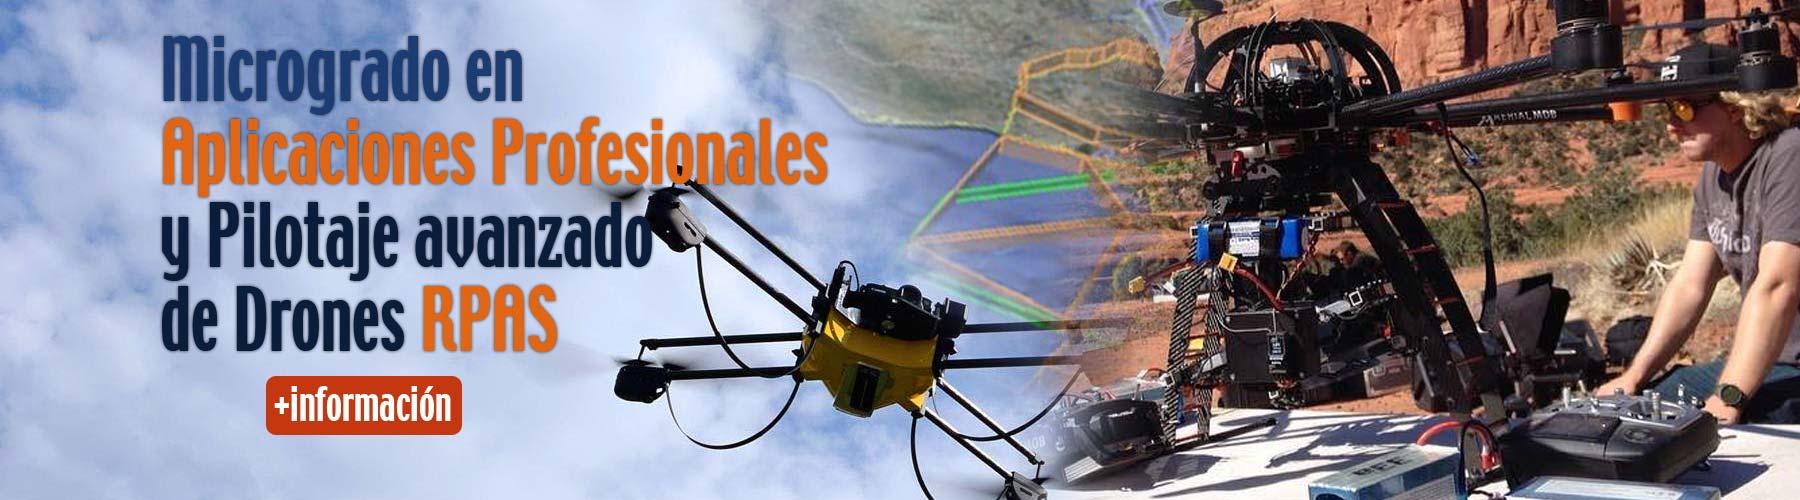 curso-drones-profesionales-sevilla